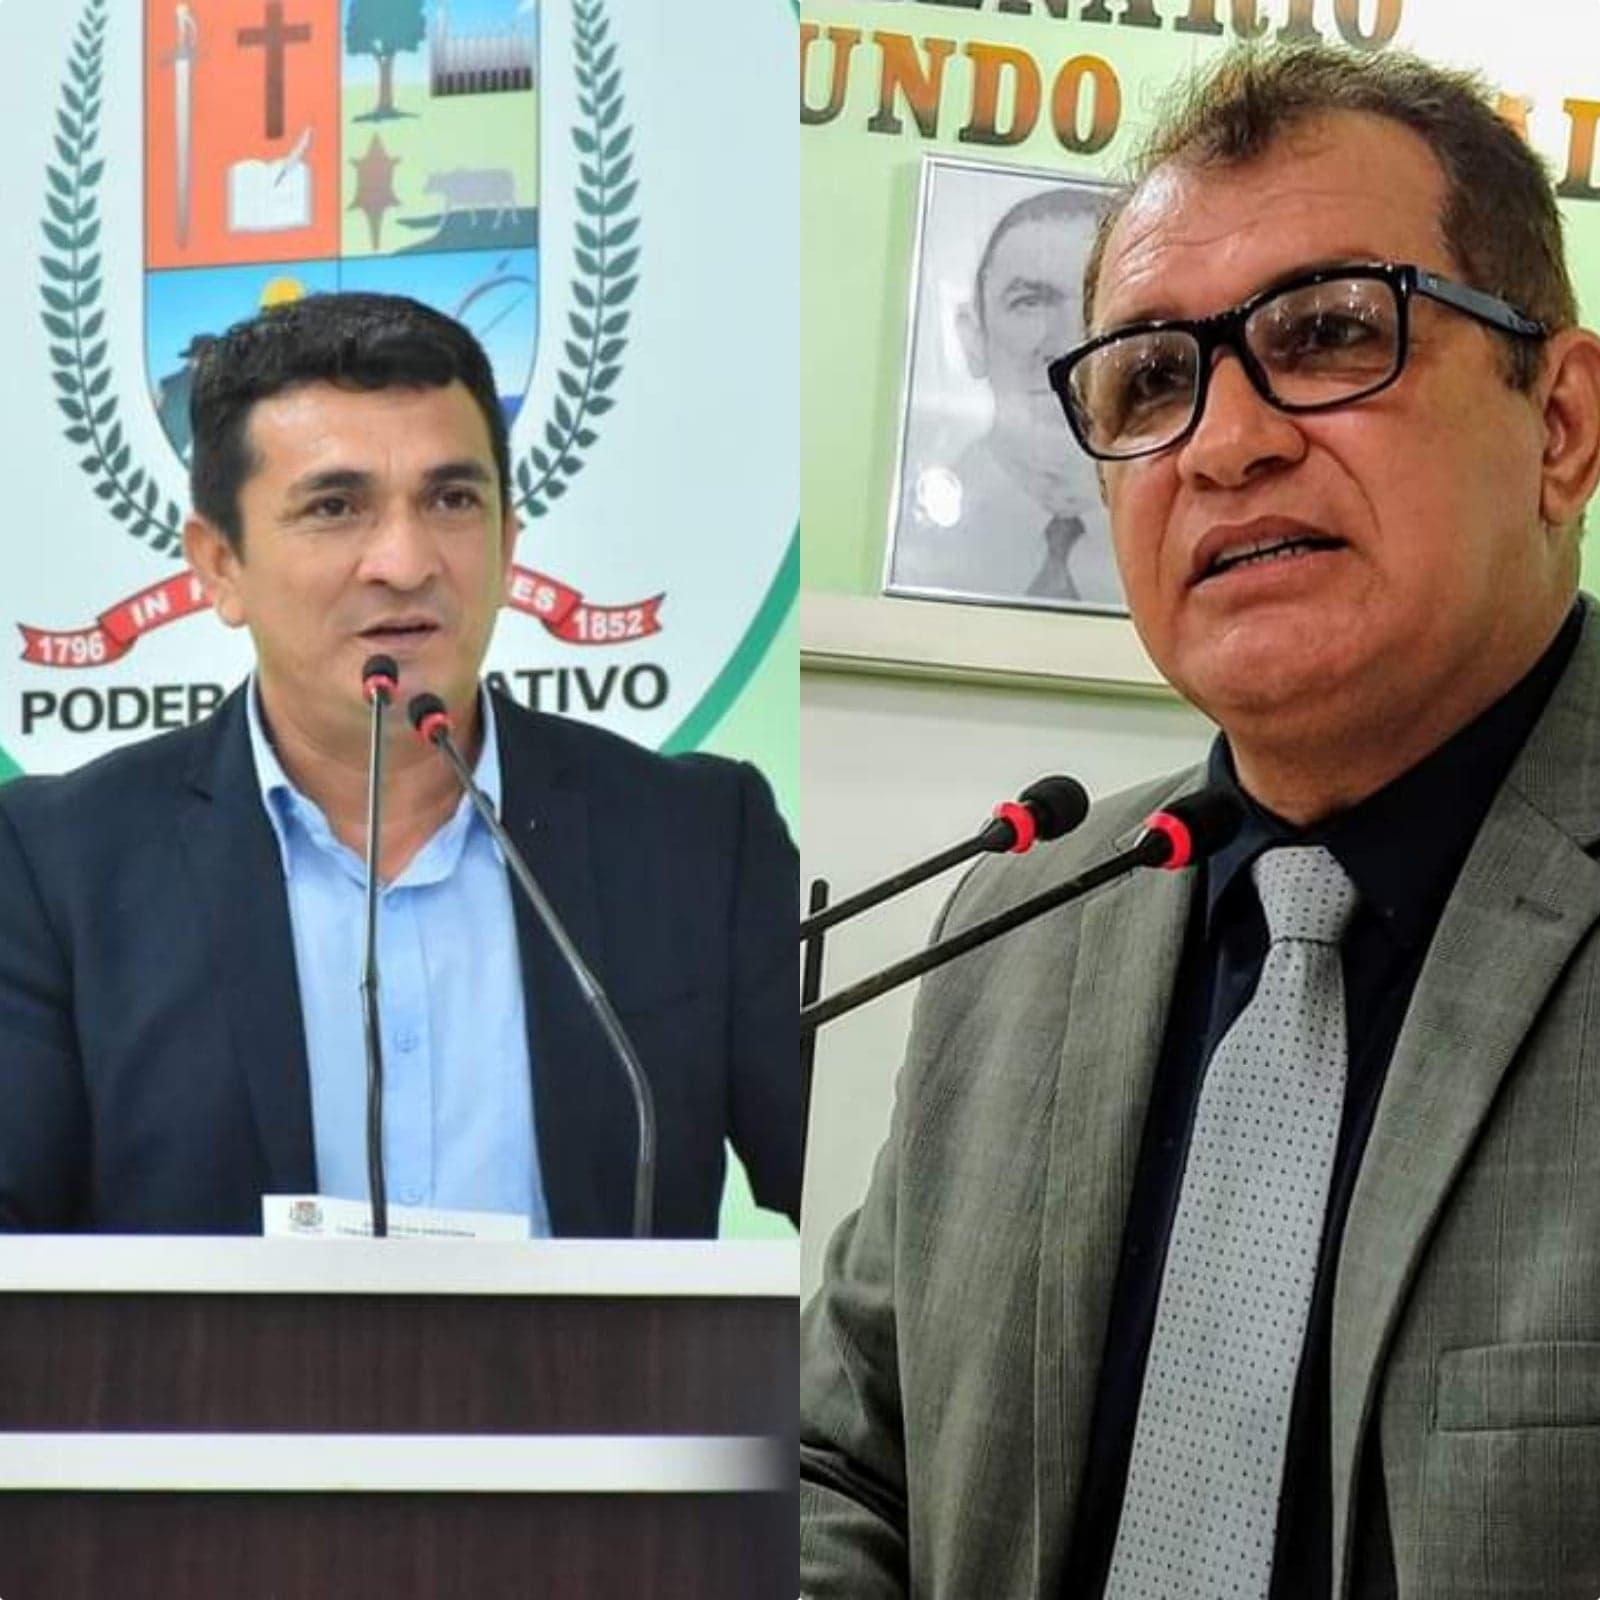 Vereadores Beto Farias e Tião Teixeira